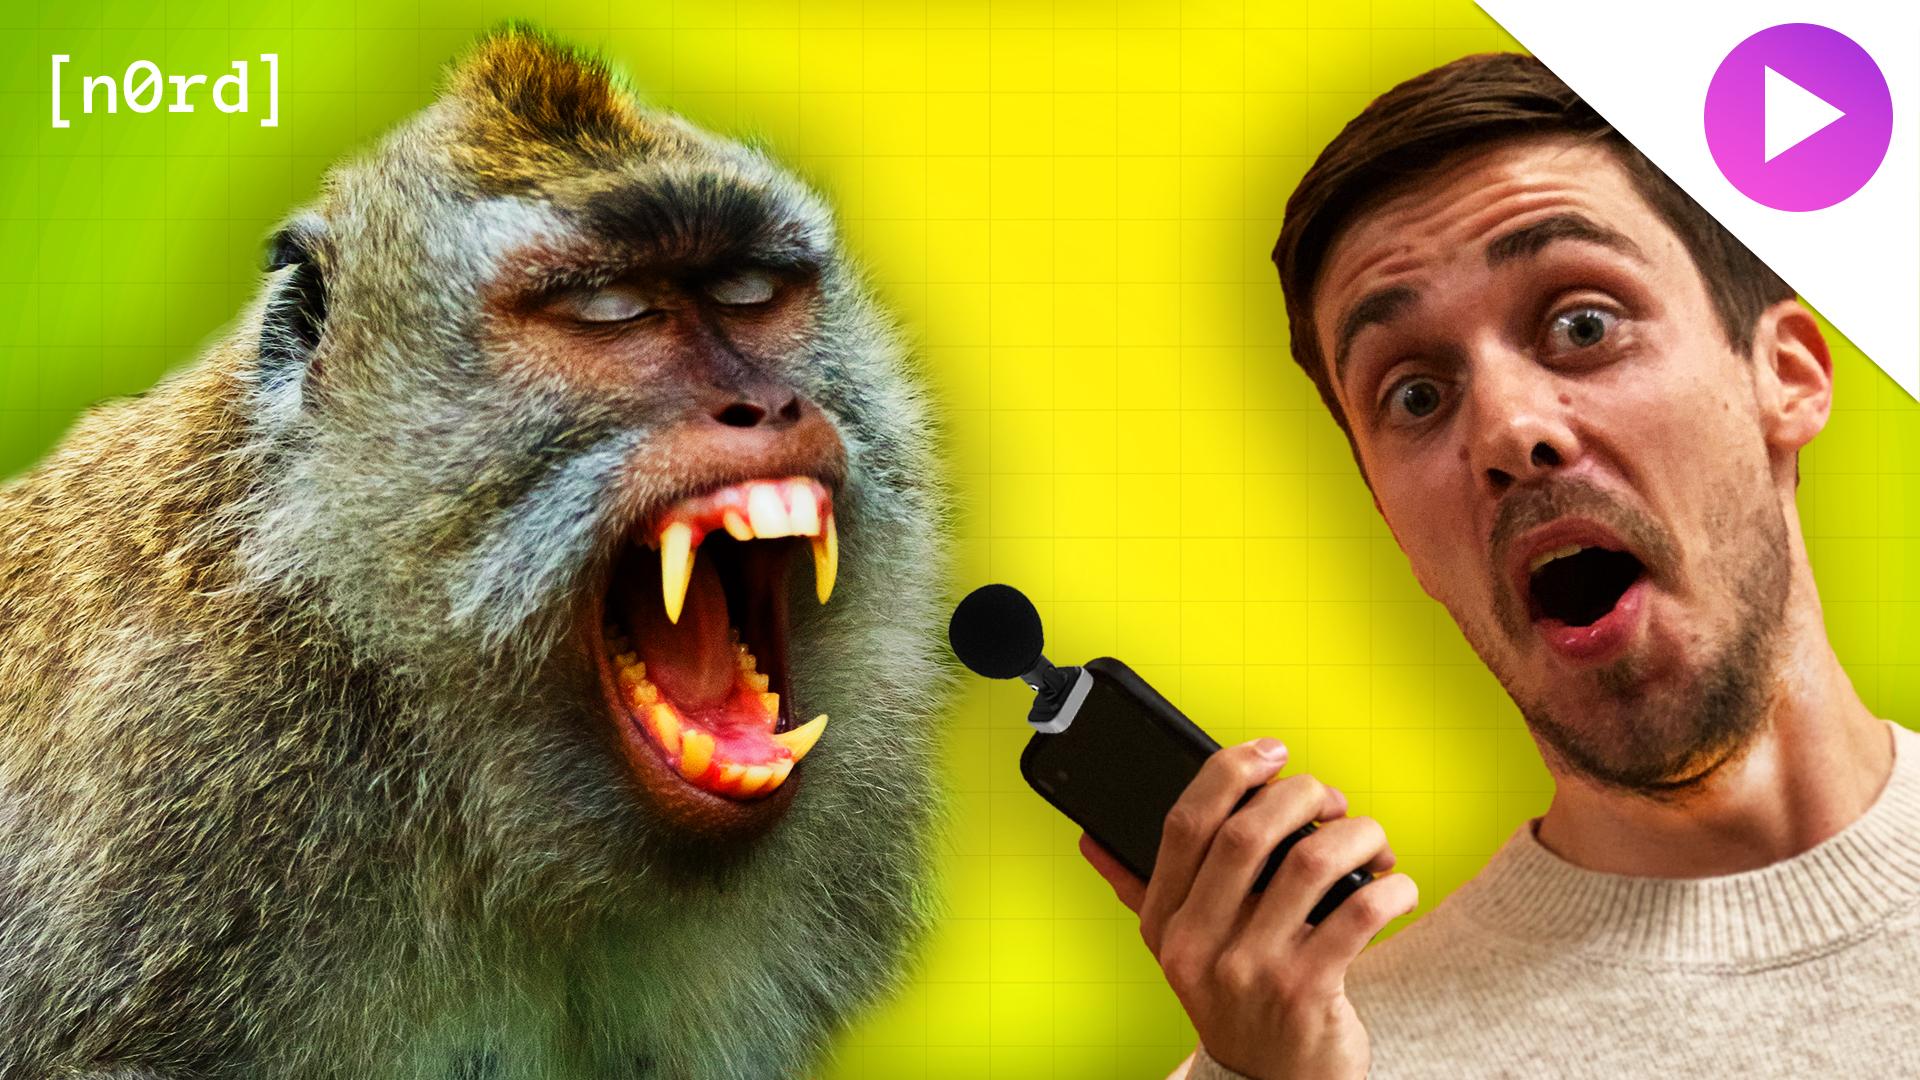 noerd_dance_monkey_drupal_v2.jpg